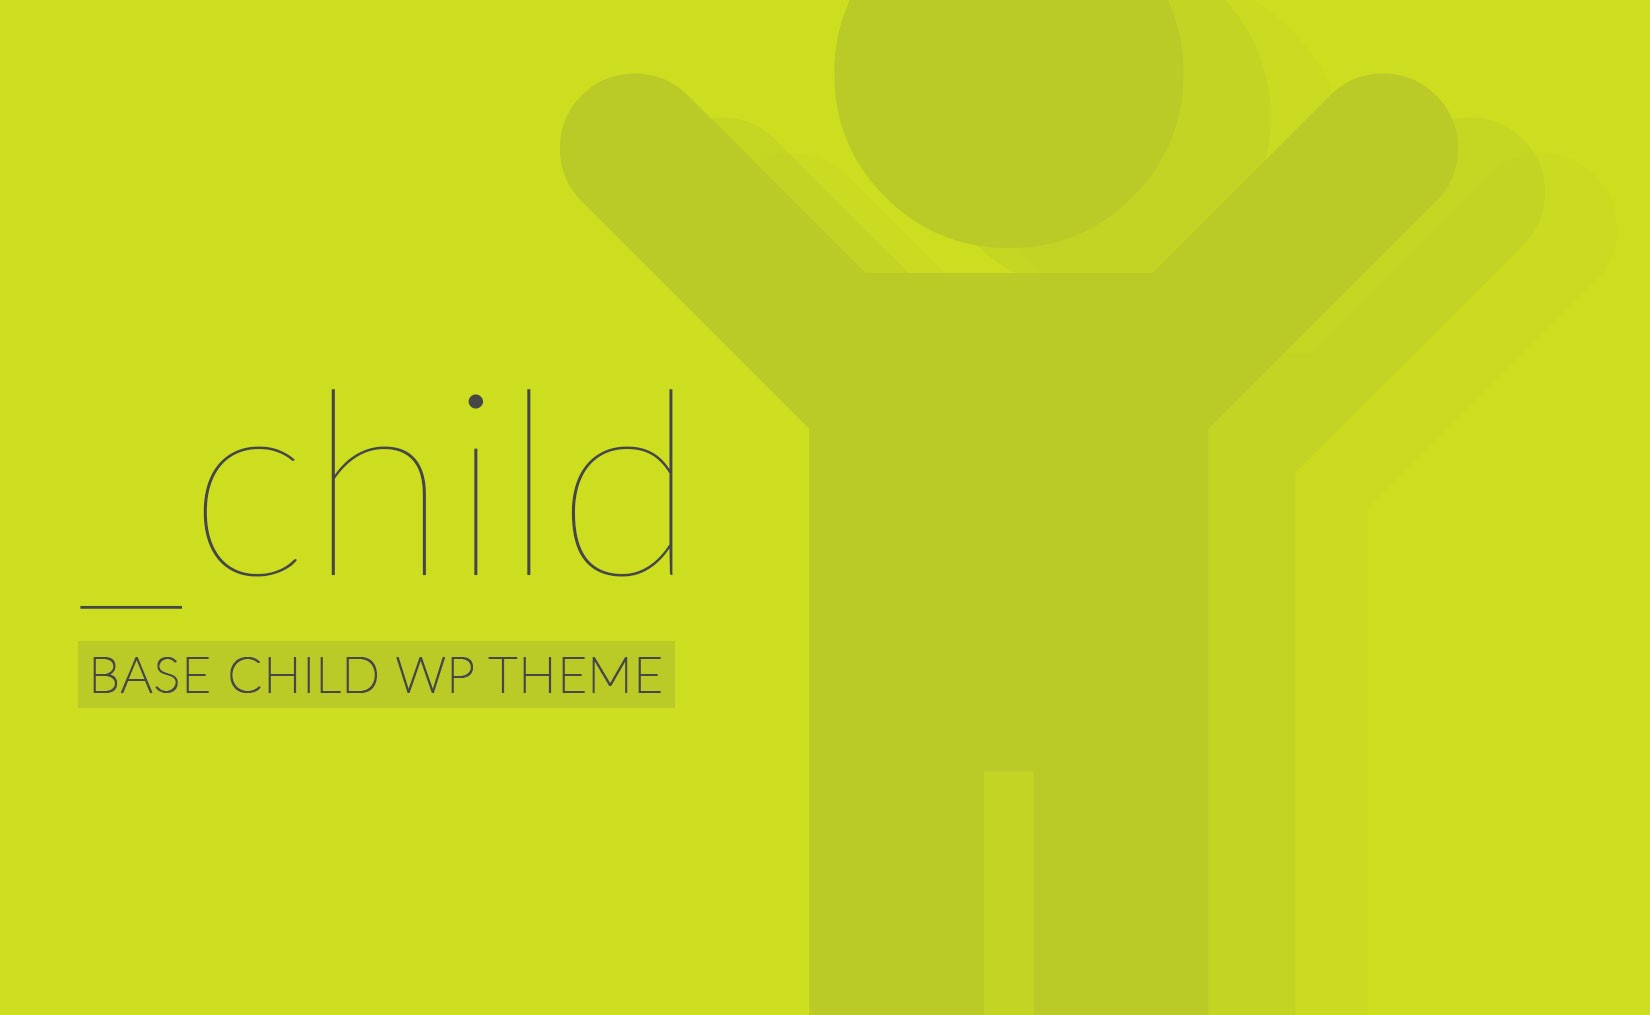 _child